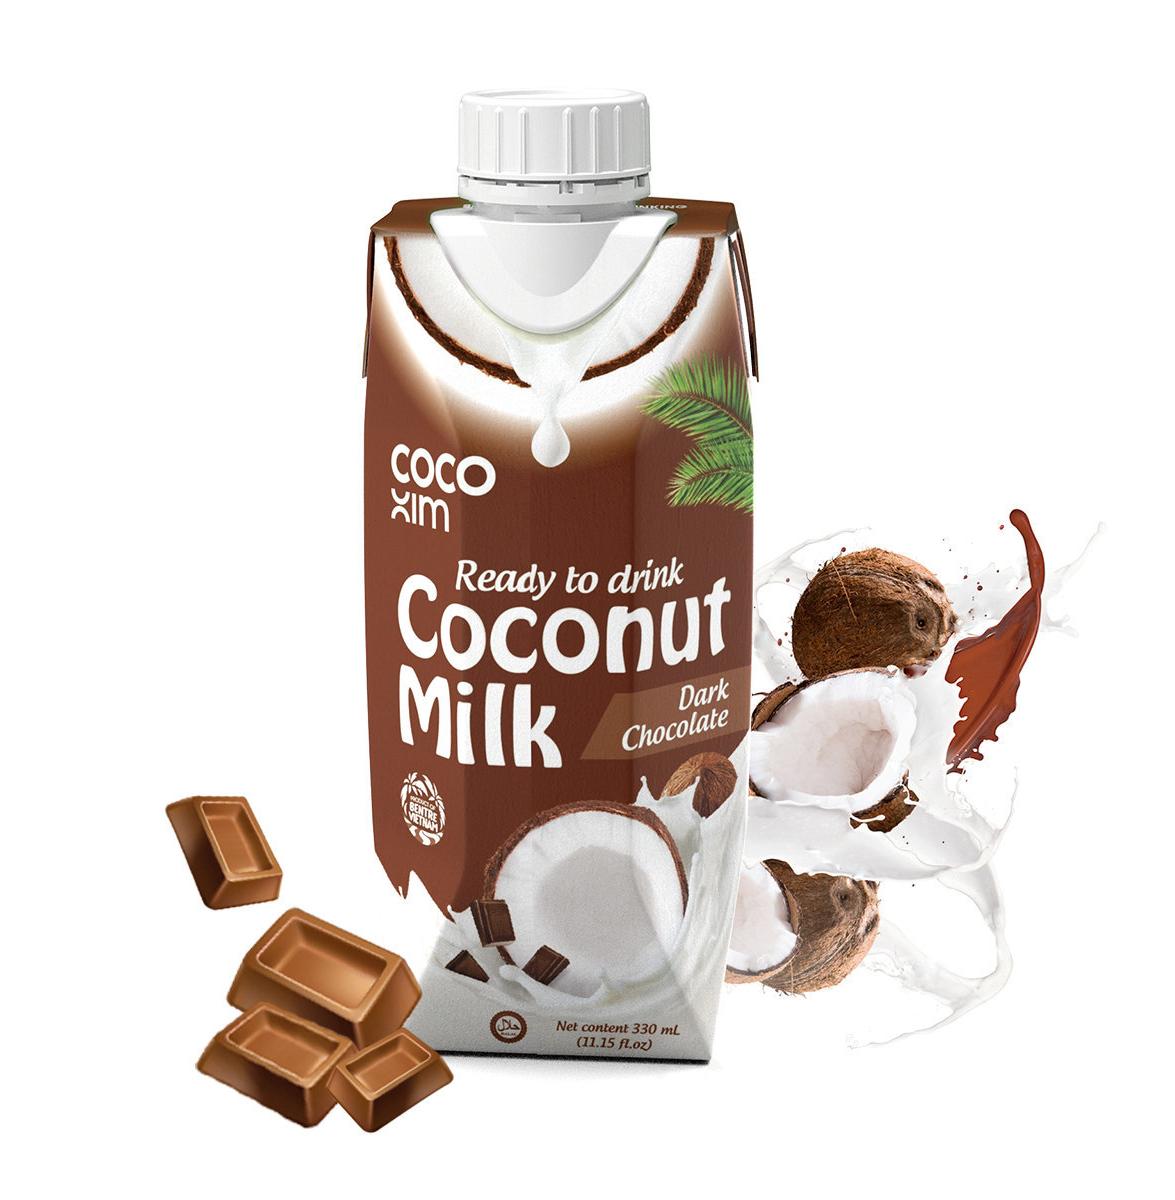 Coconut milk drink with dark chocolate flavour